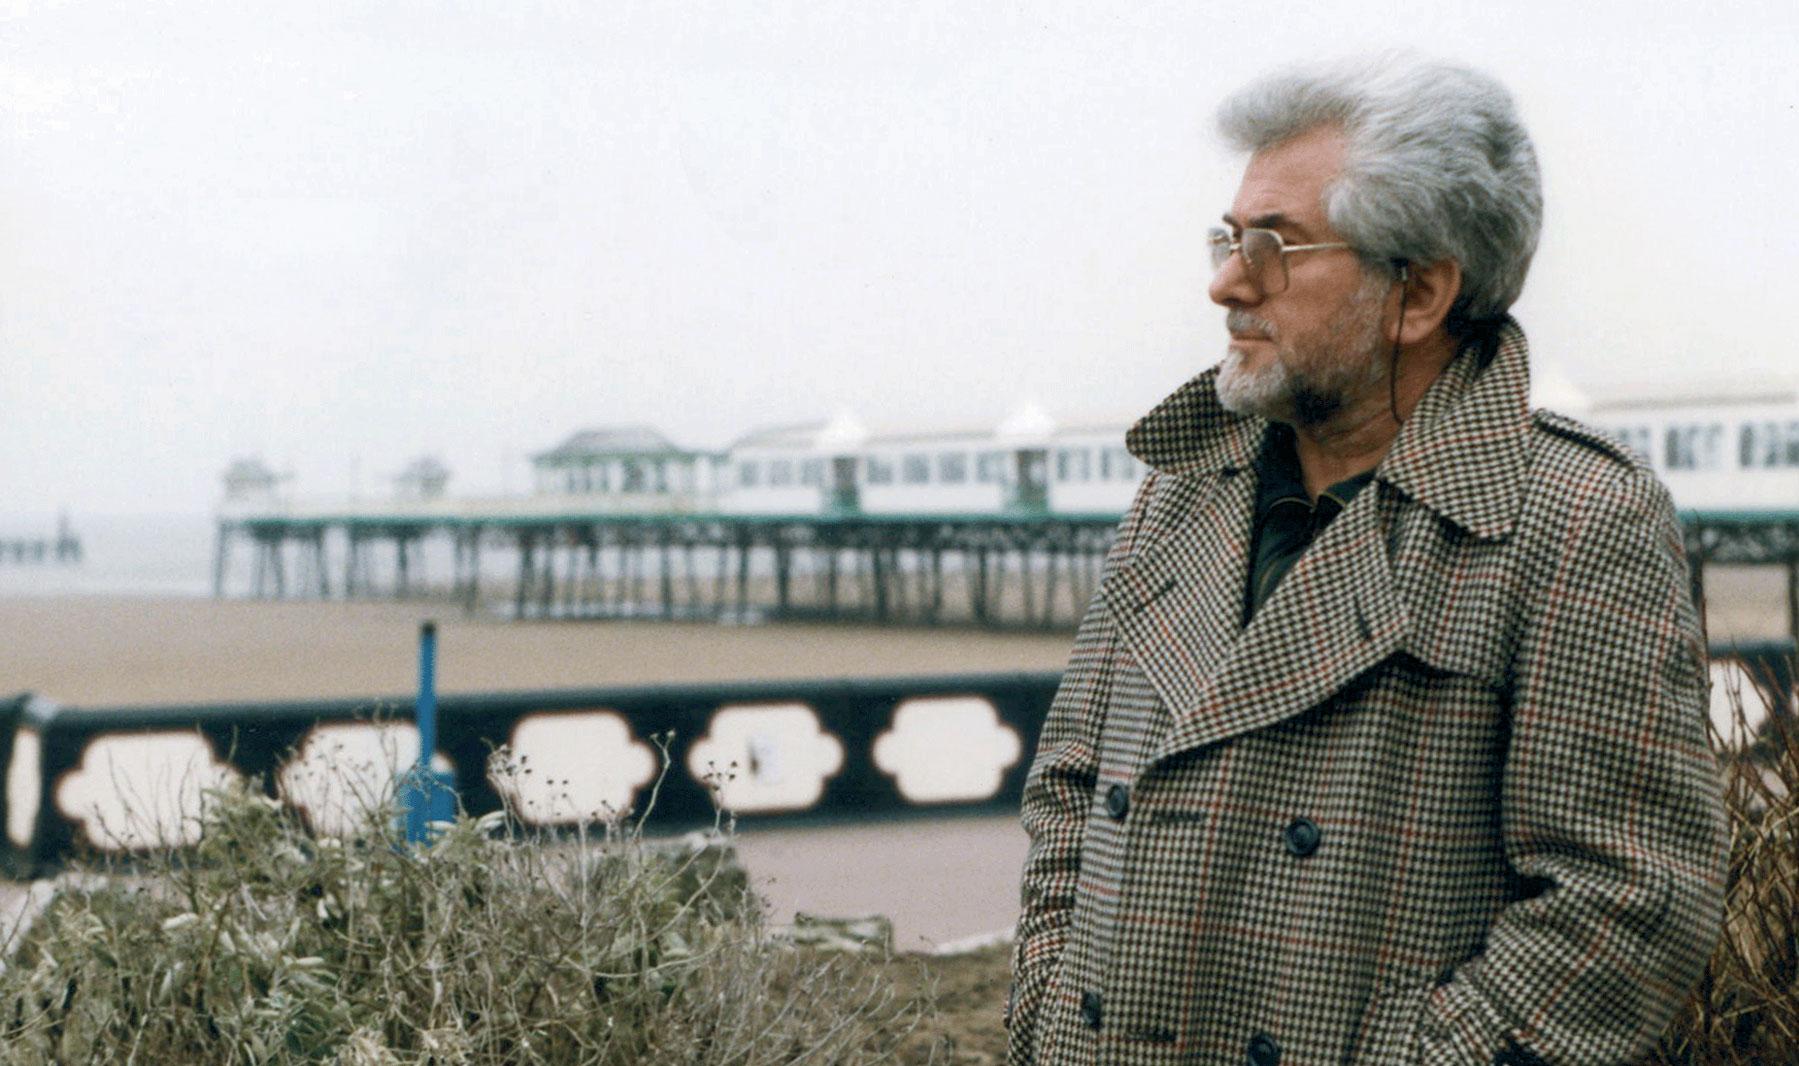 Alan Haven